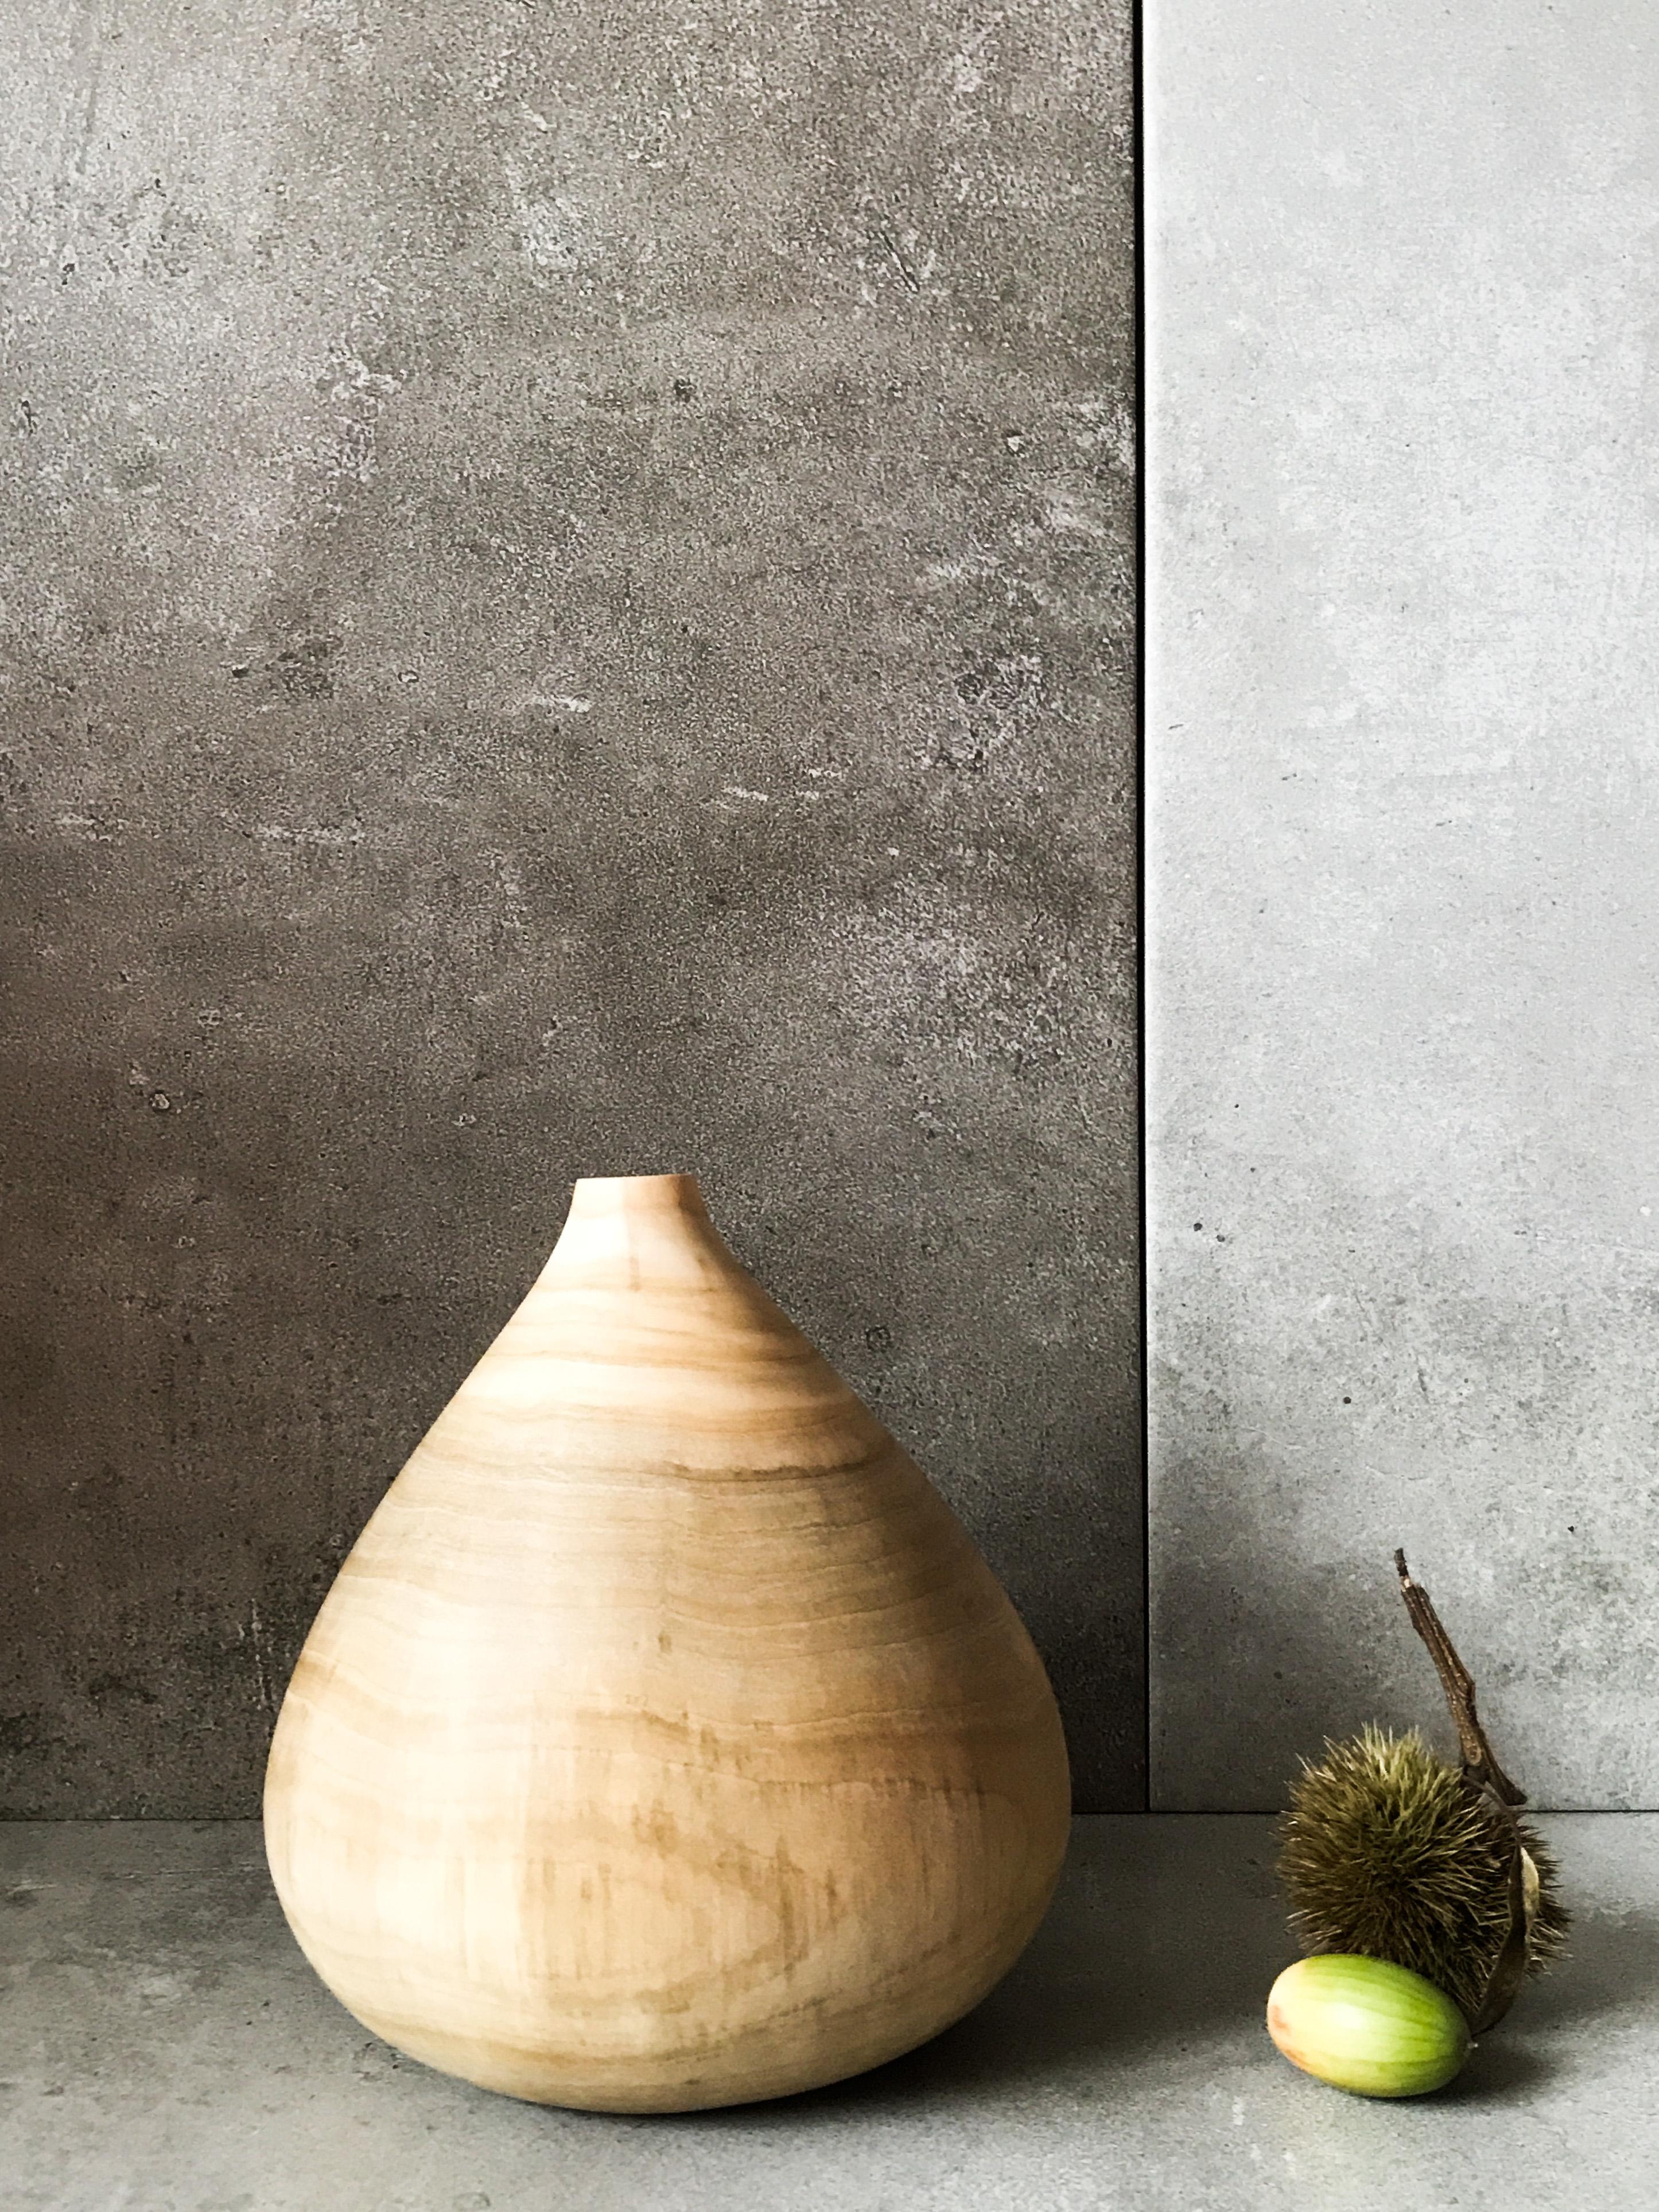 Carved wood vase by designer and maker J